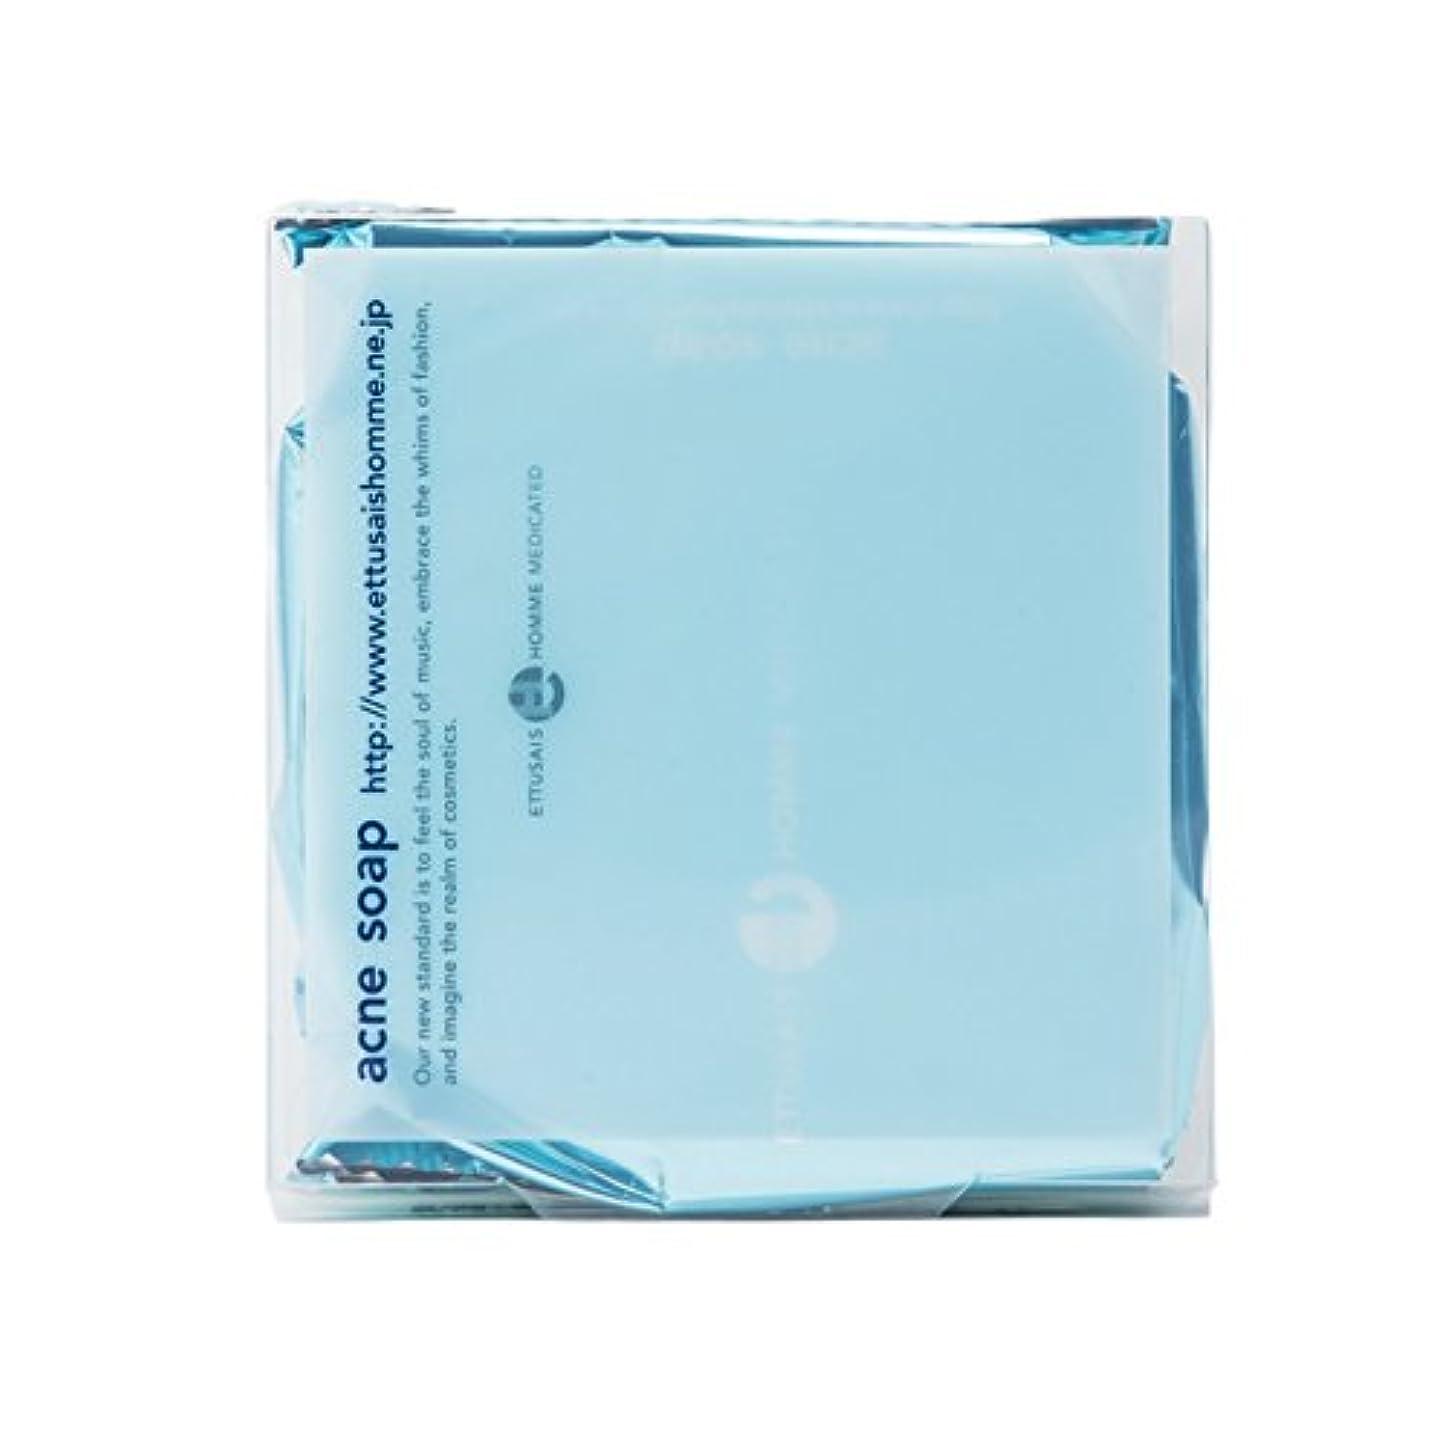 みすぼらしいネットフォーカス[医薬部外品] エテュセ オム 薬用アクネ ソープ 薬用石けん 100g